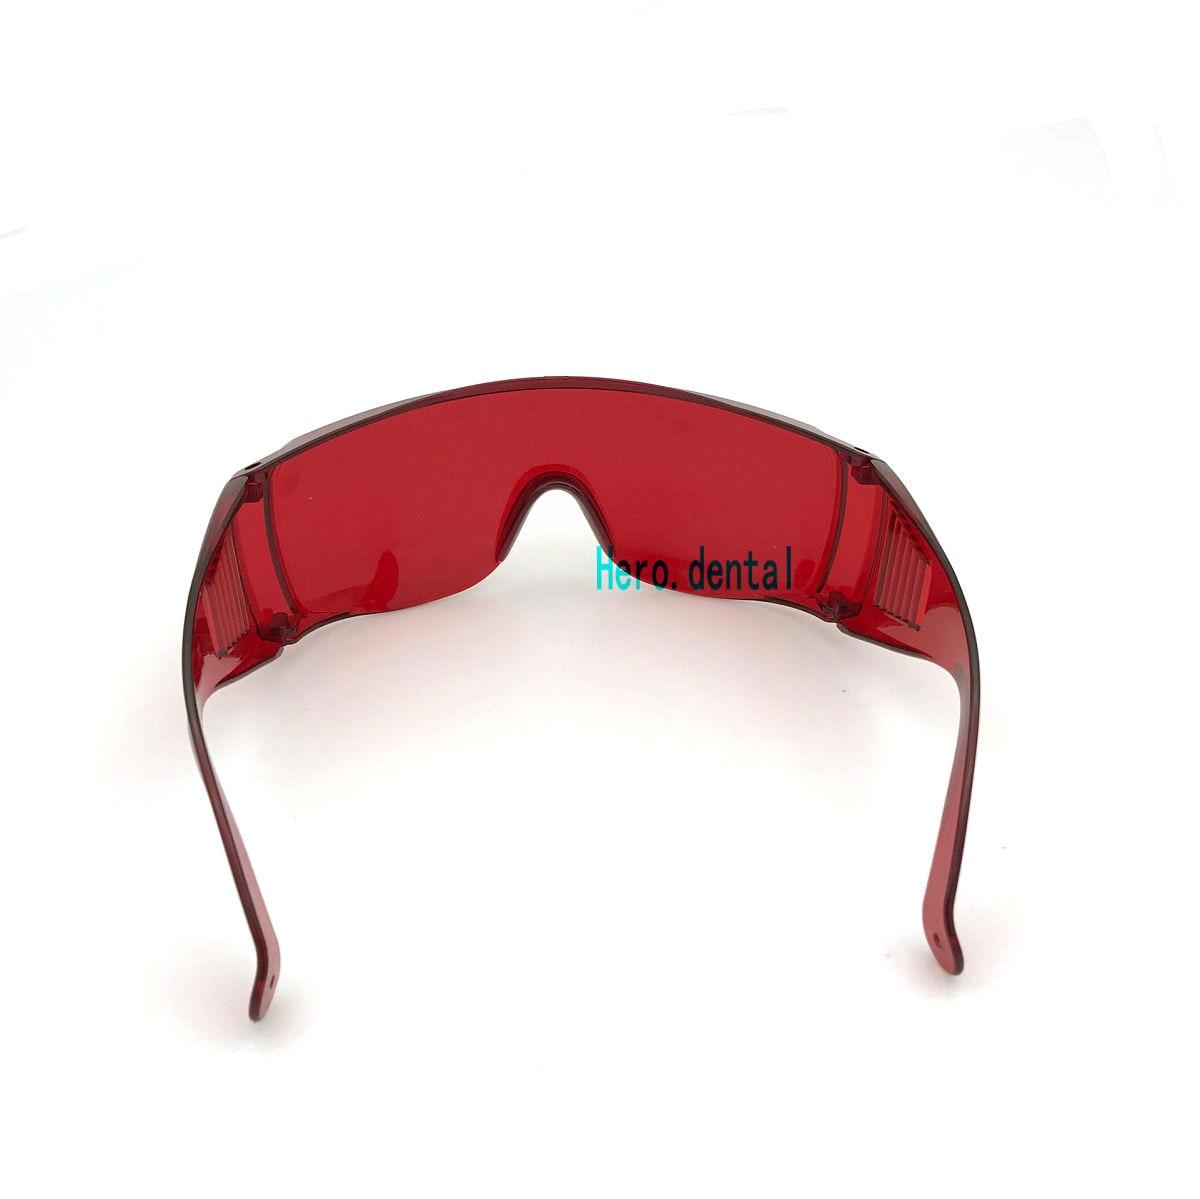 5 pcs Dentaire Lunettes lunettes pour durcissement lumière blanchiment Des Dents  Protection Des Yeux rouge dans Blanchiment des dents de Beauté   Santé sur  ... 793b04e97f99